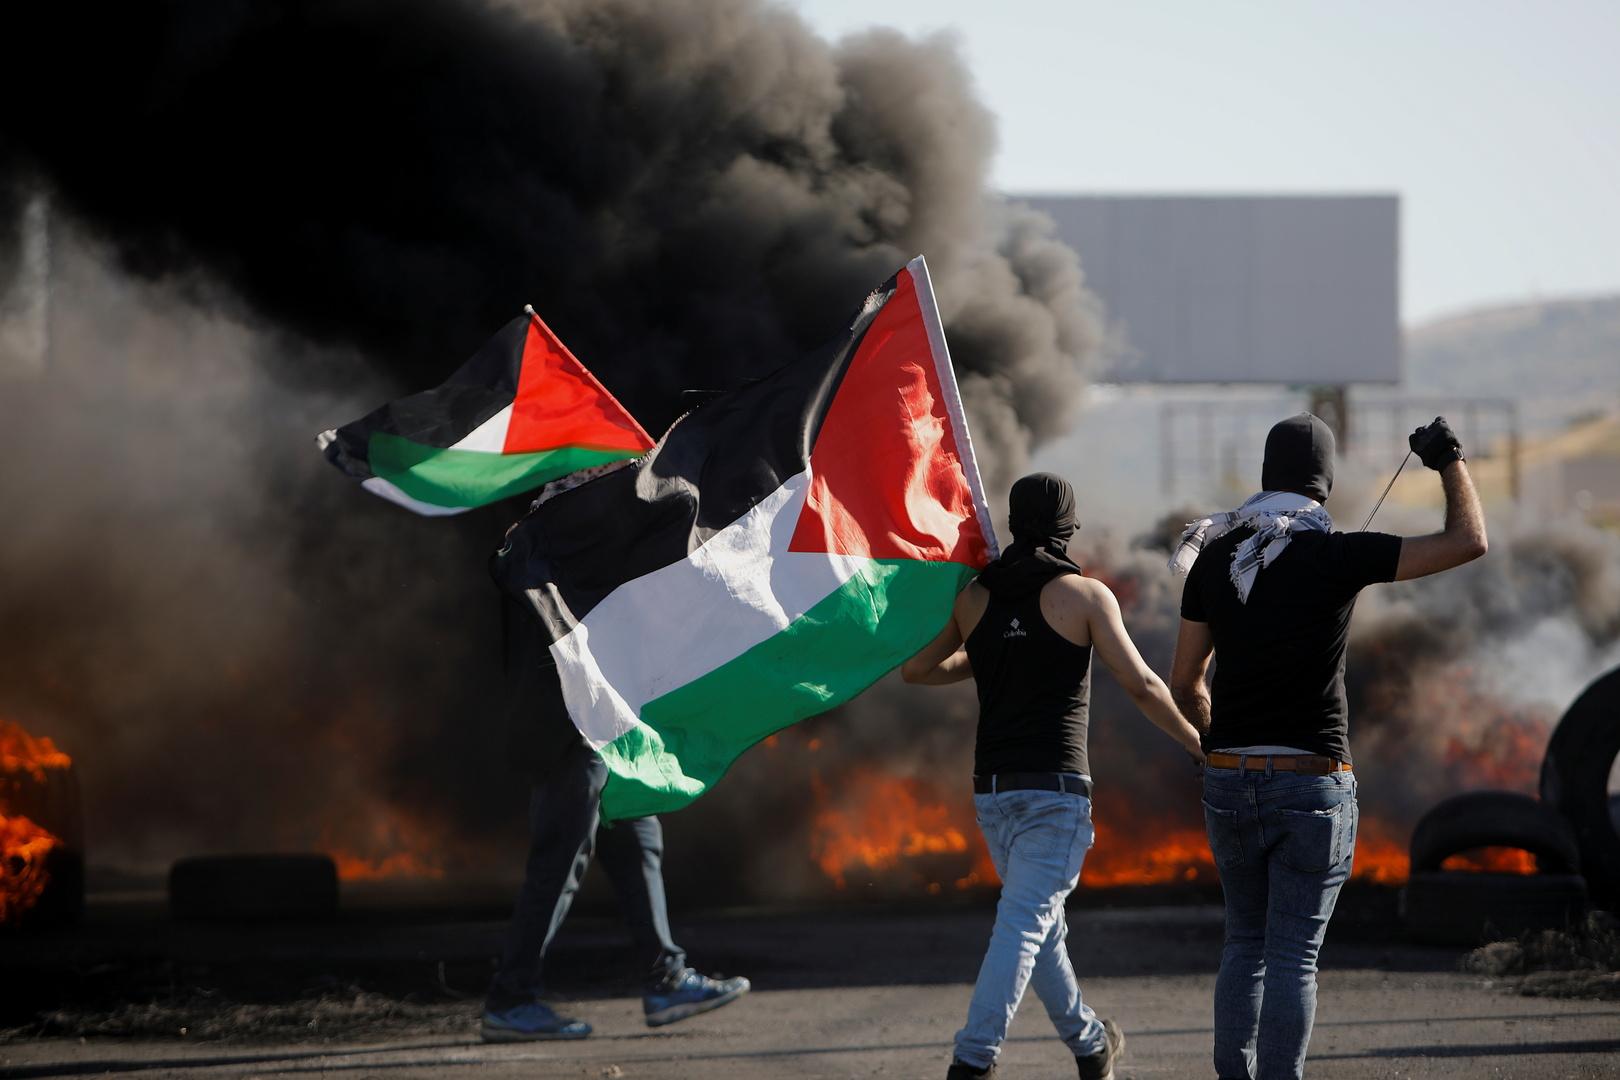 تطورات الحرب الإسرائيلية الفلسطينية في يومها العاشر لحظة بلحظة